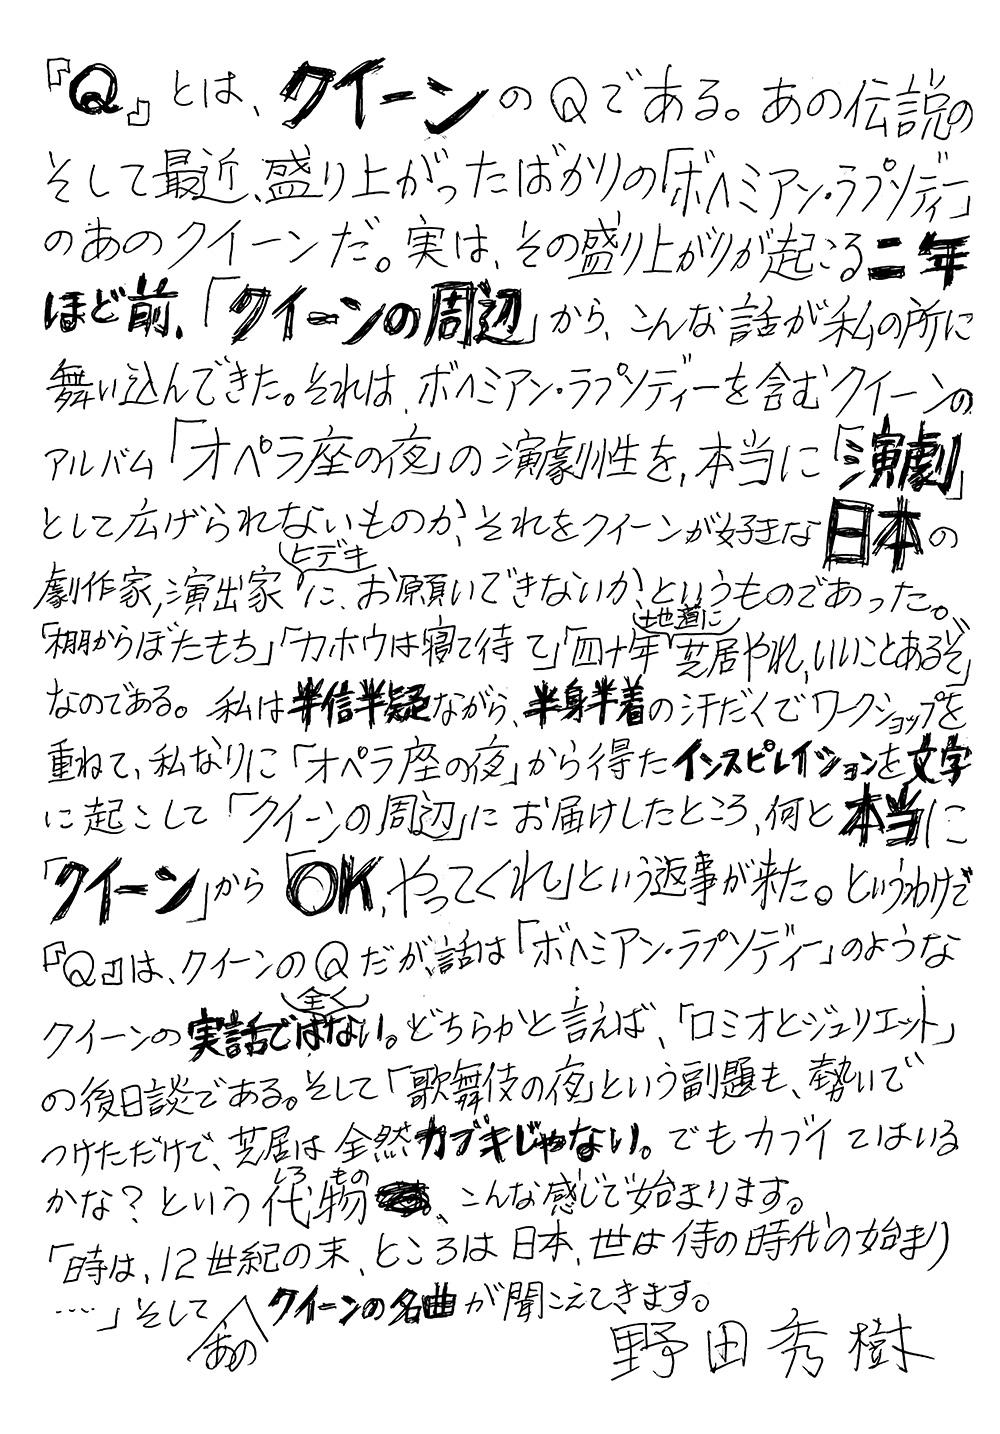 野田秀樹コメント